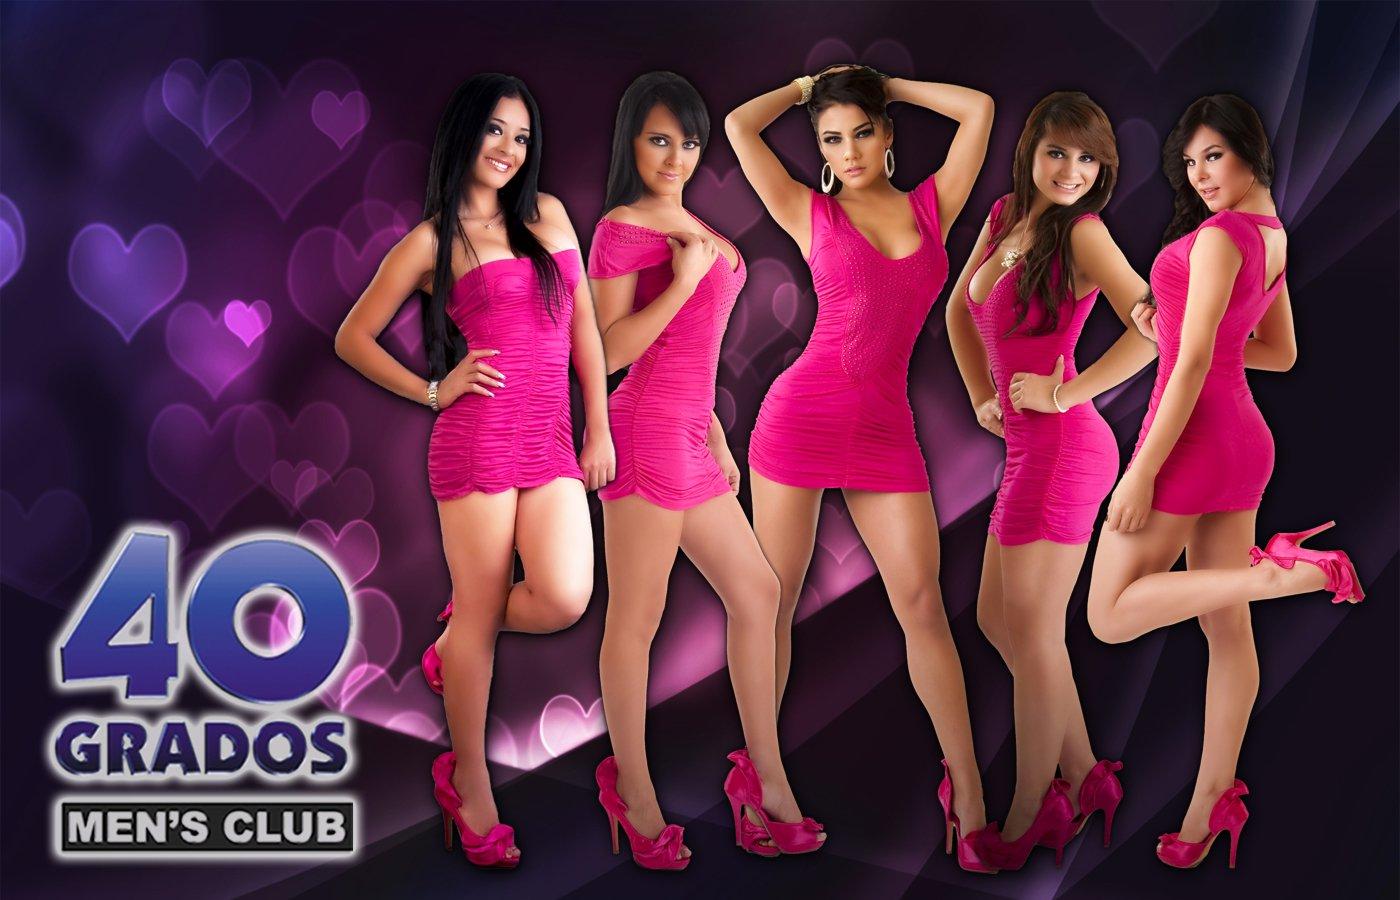 latinas prostitutas prostitutas despedida de soltero